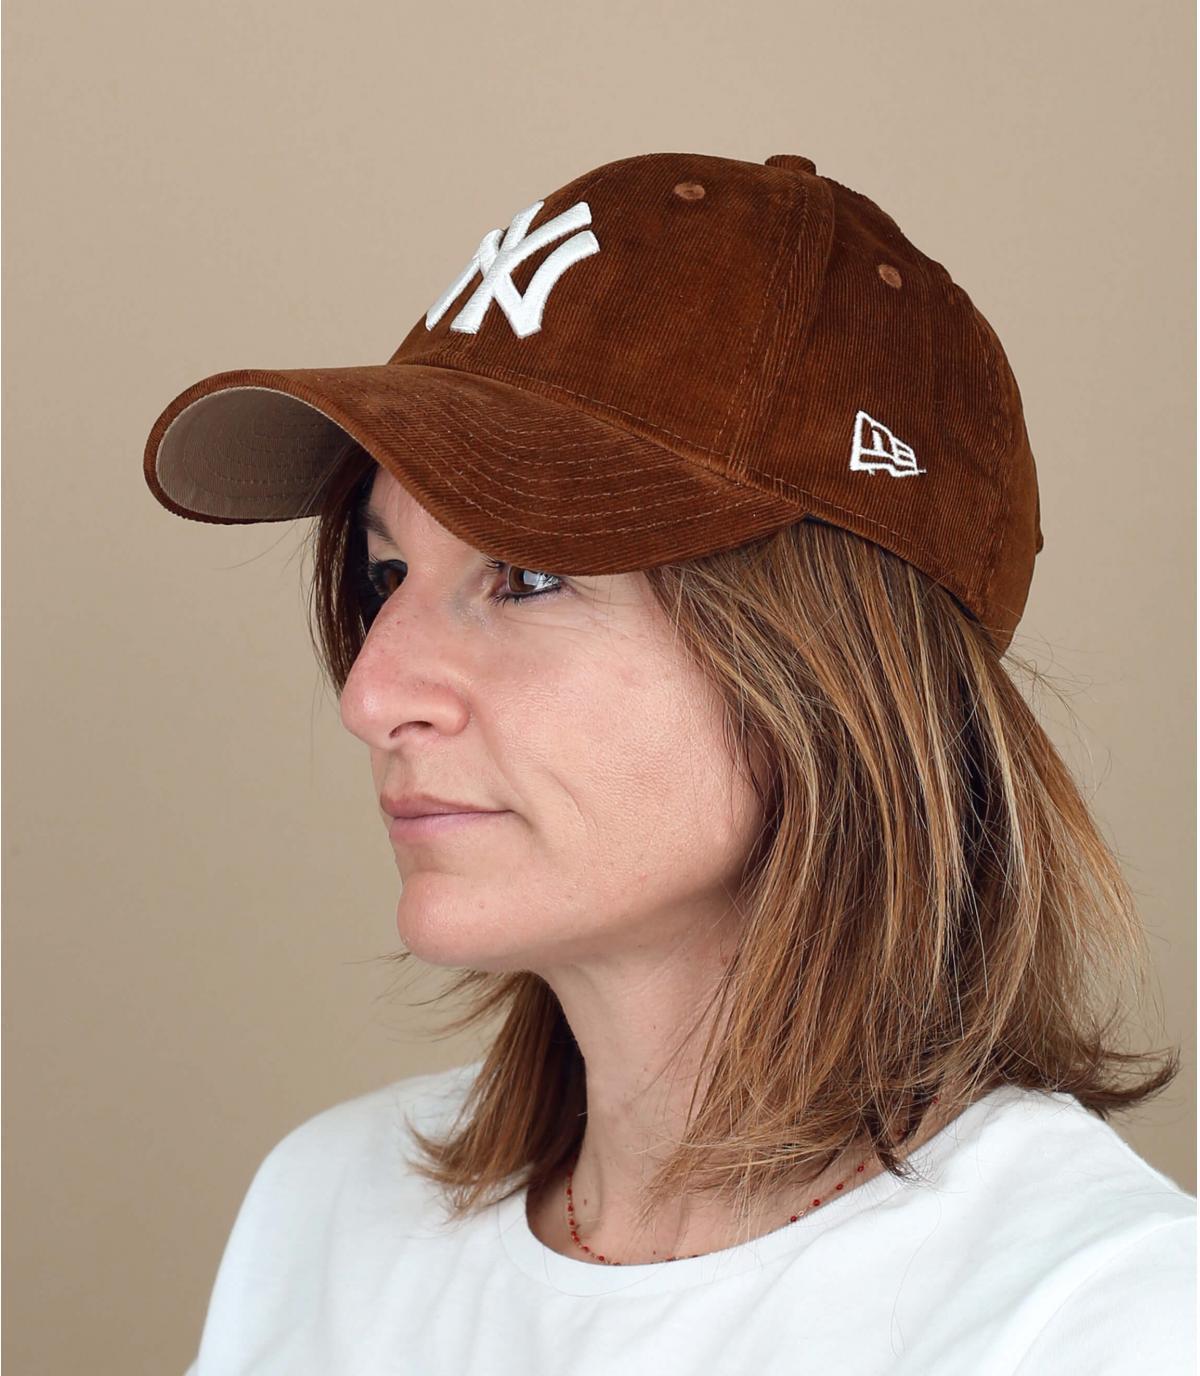 casquette velours marron femme